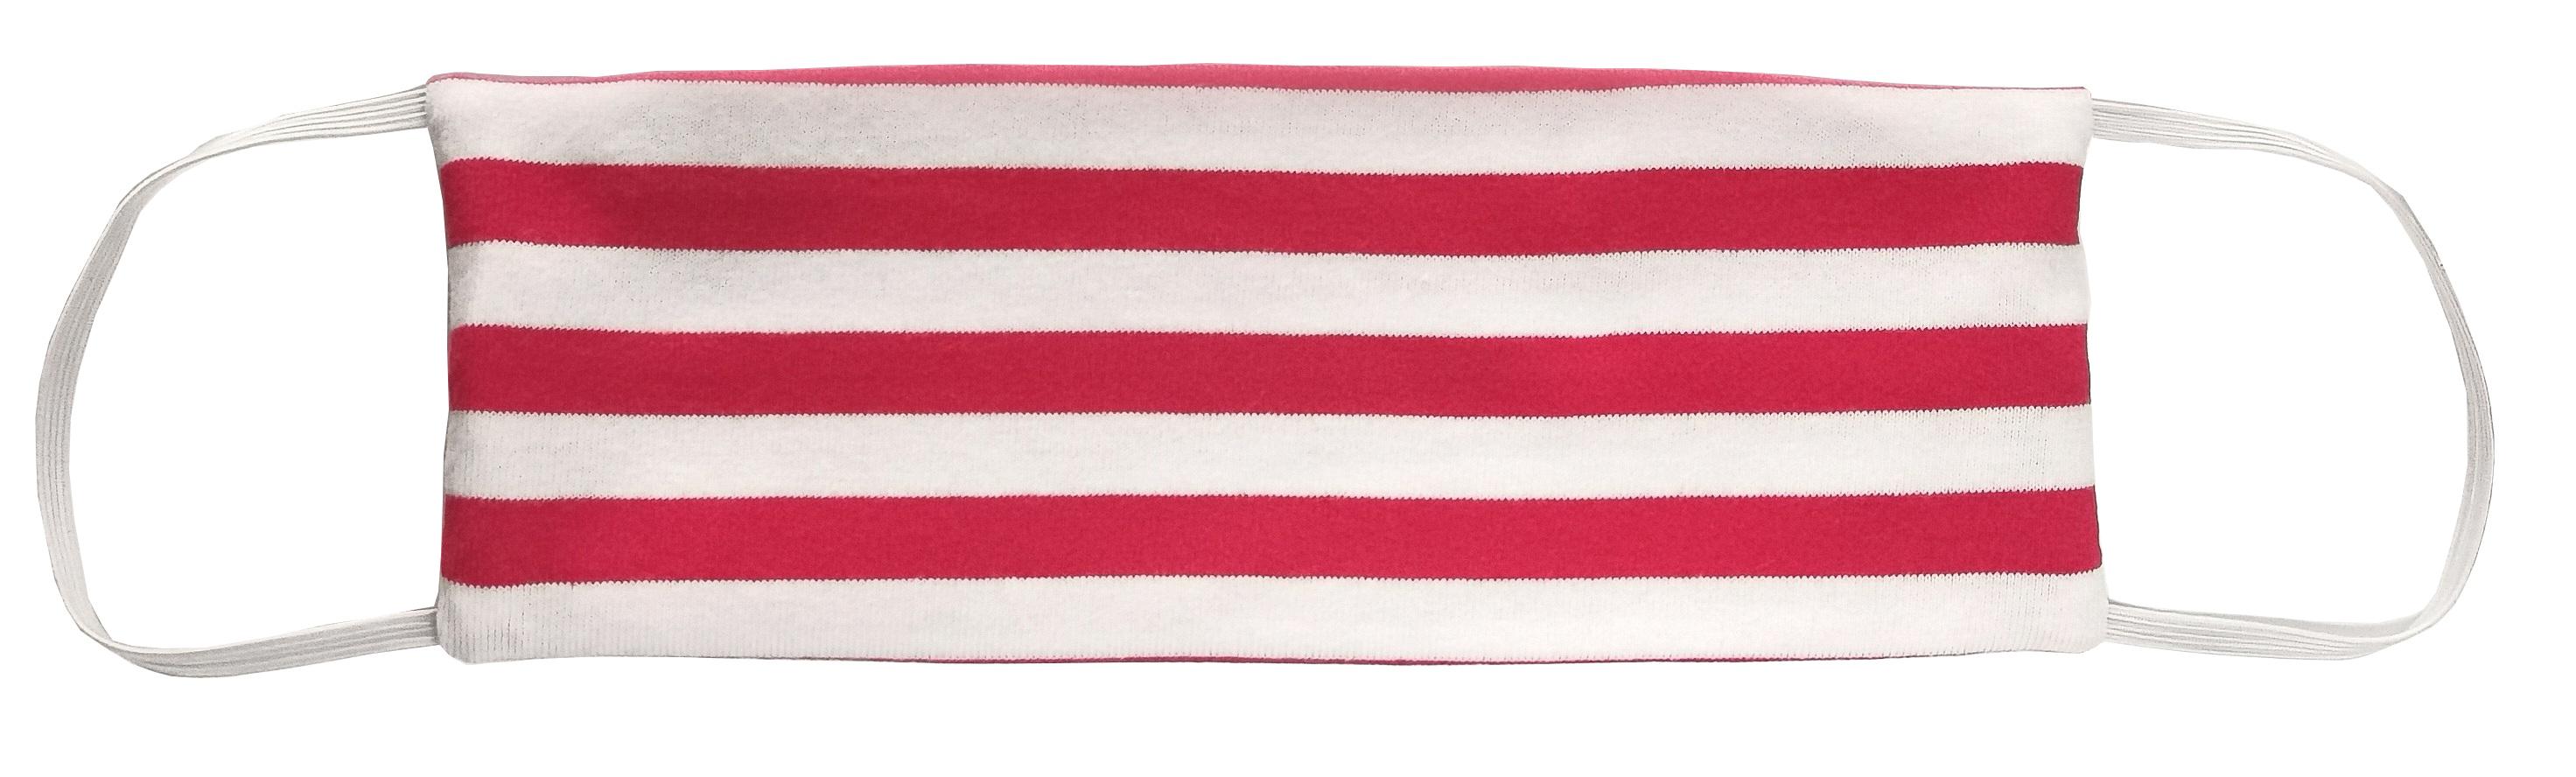 AGLAE MICHON Маска декоративная многоразовая с карманом для фильтра, цвет красно-белая полоска 1 шт